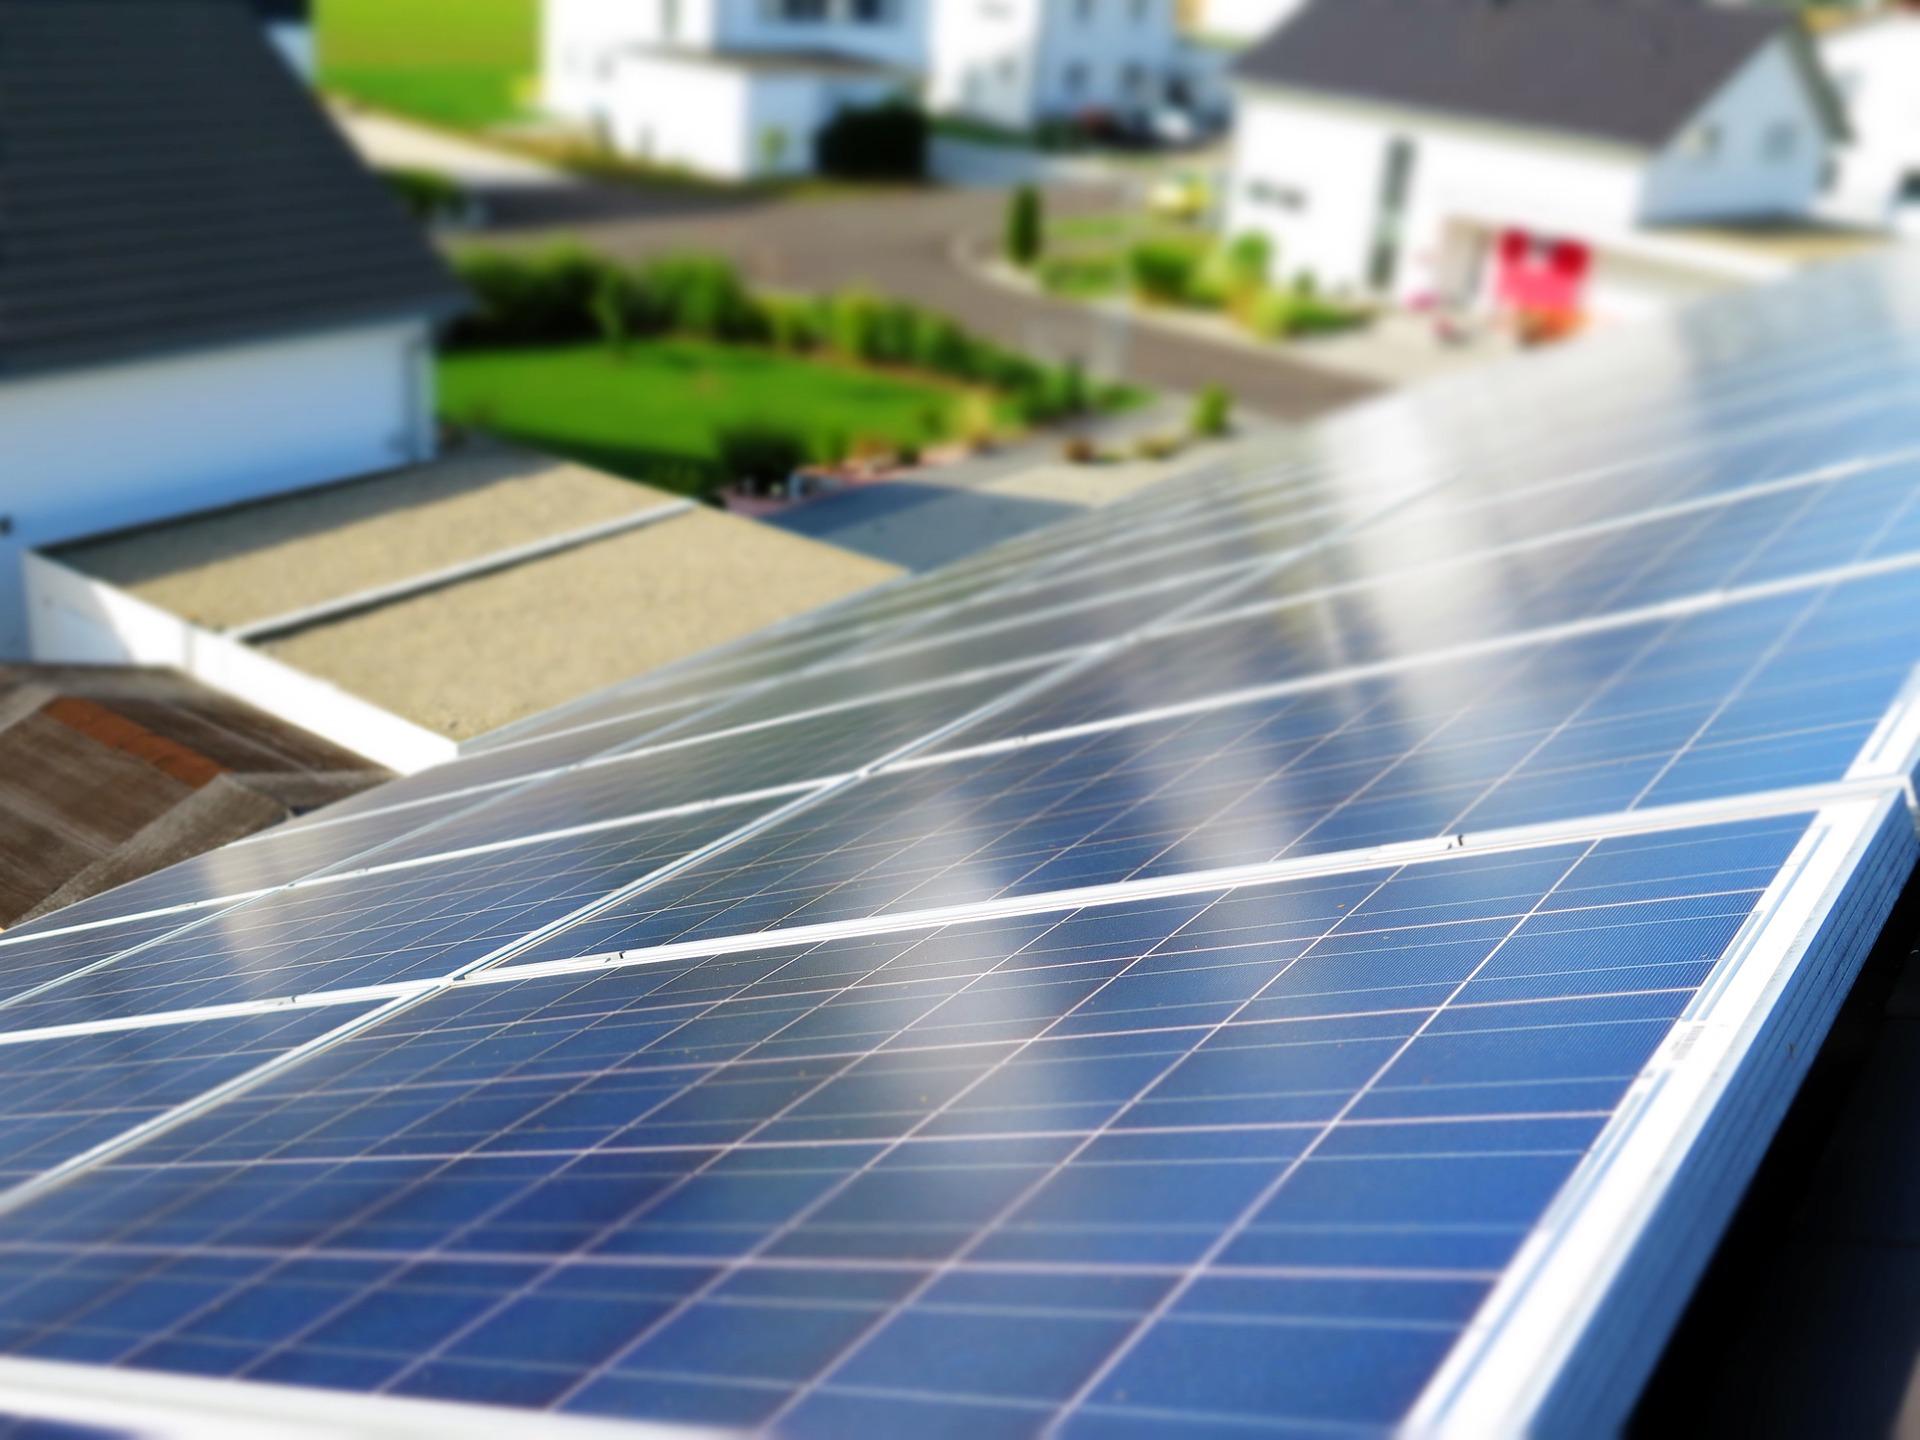 pannelli fotovoltaici installati su una casa